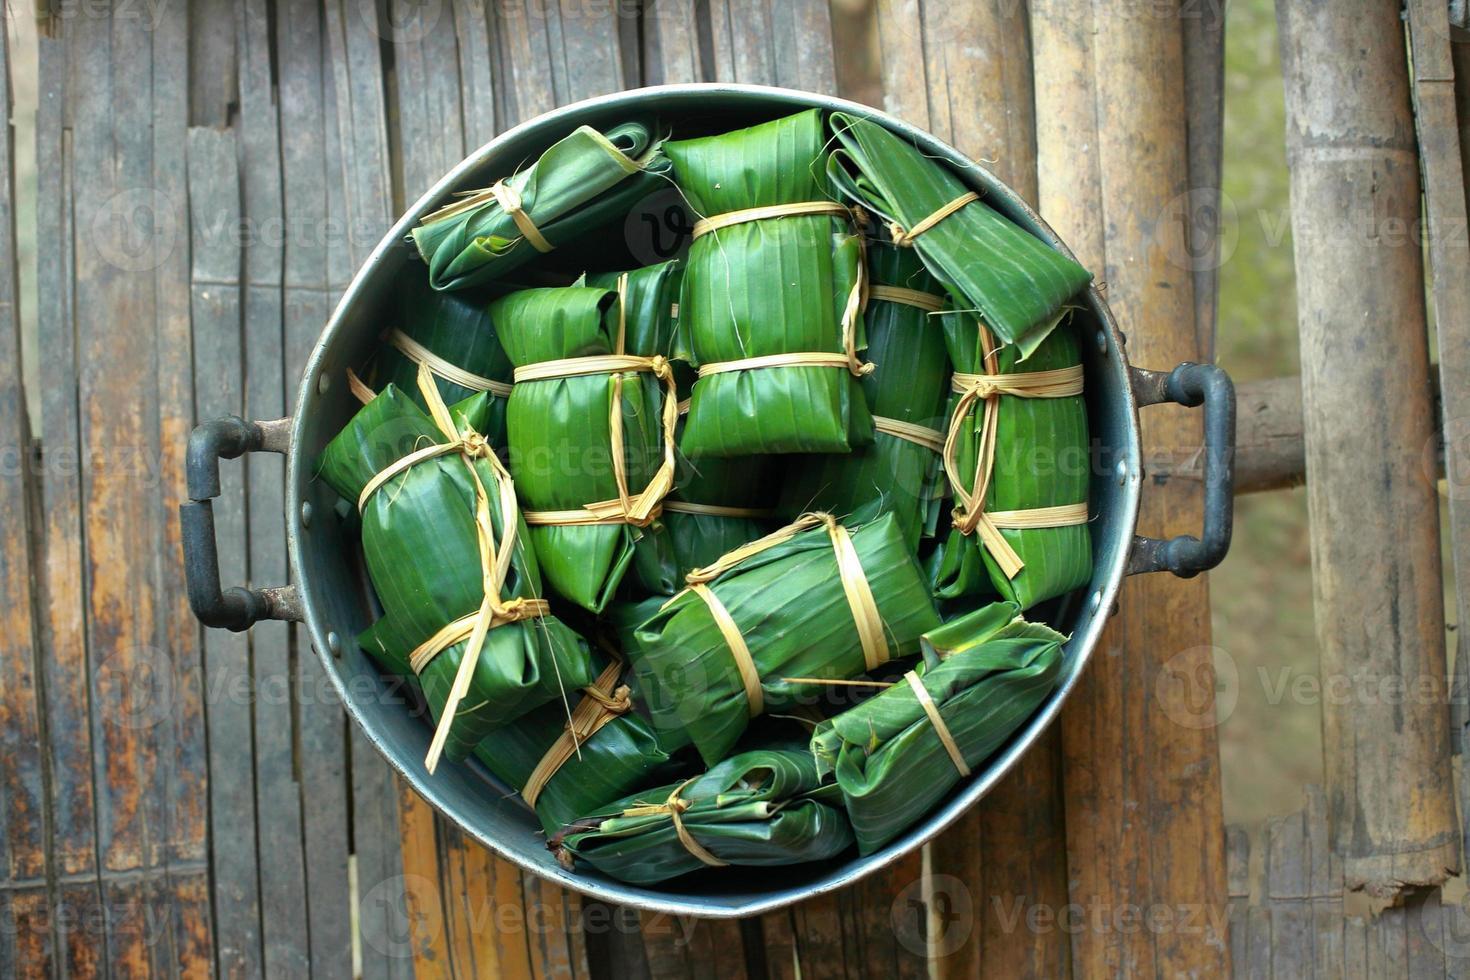 thailändisches Dessert in Bananenblättern eingewickelt foto